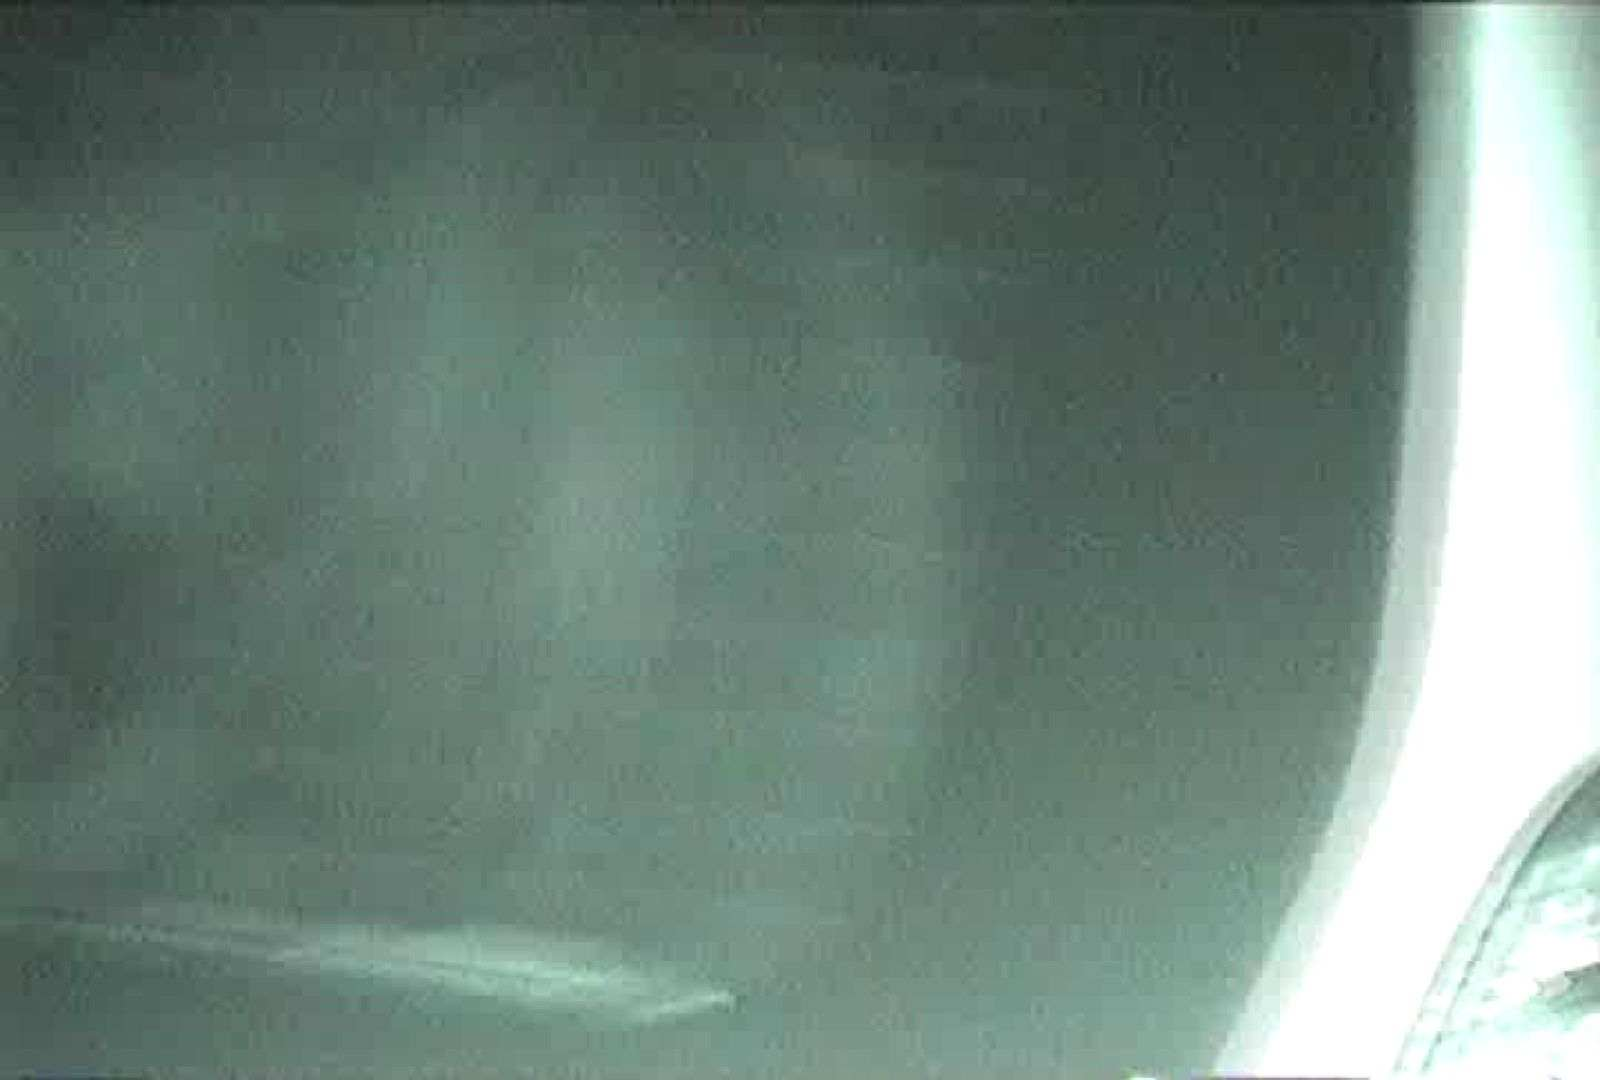 充血監督の深夜の運動会Vol.87 無修正マンコ | OLエロ画像  84PICs 69